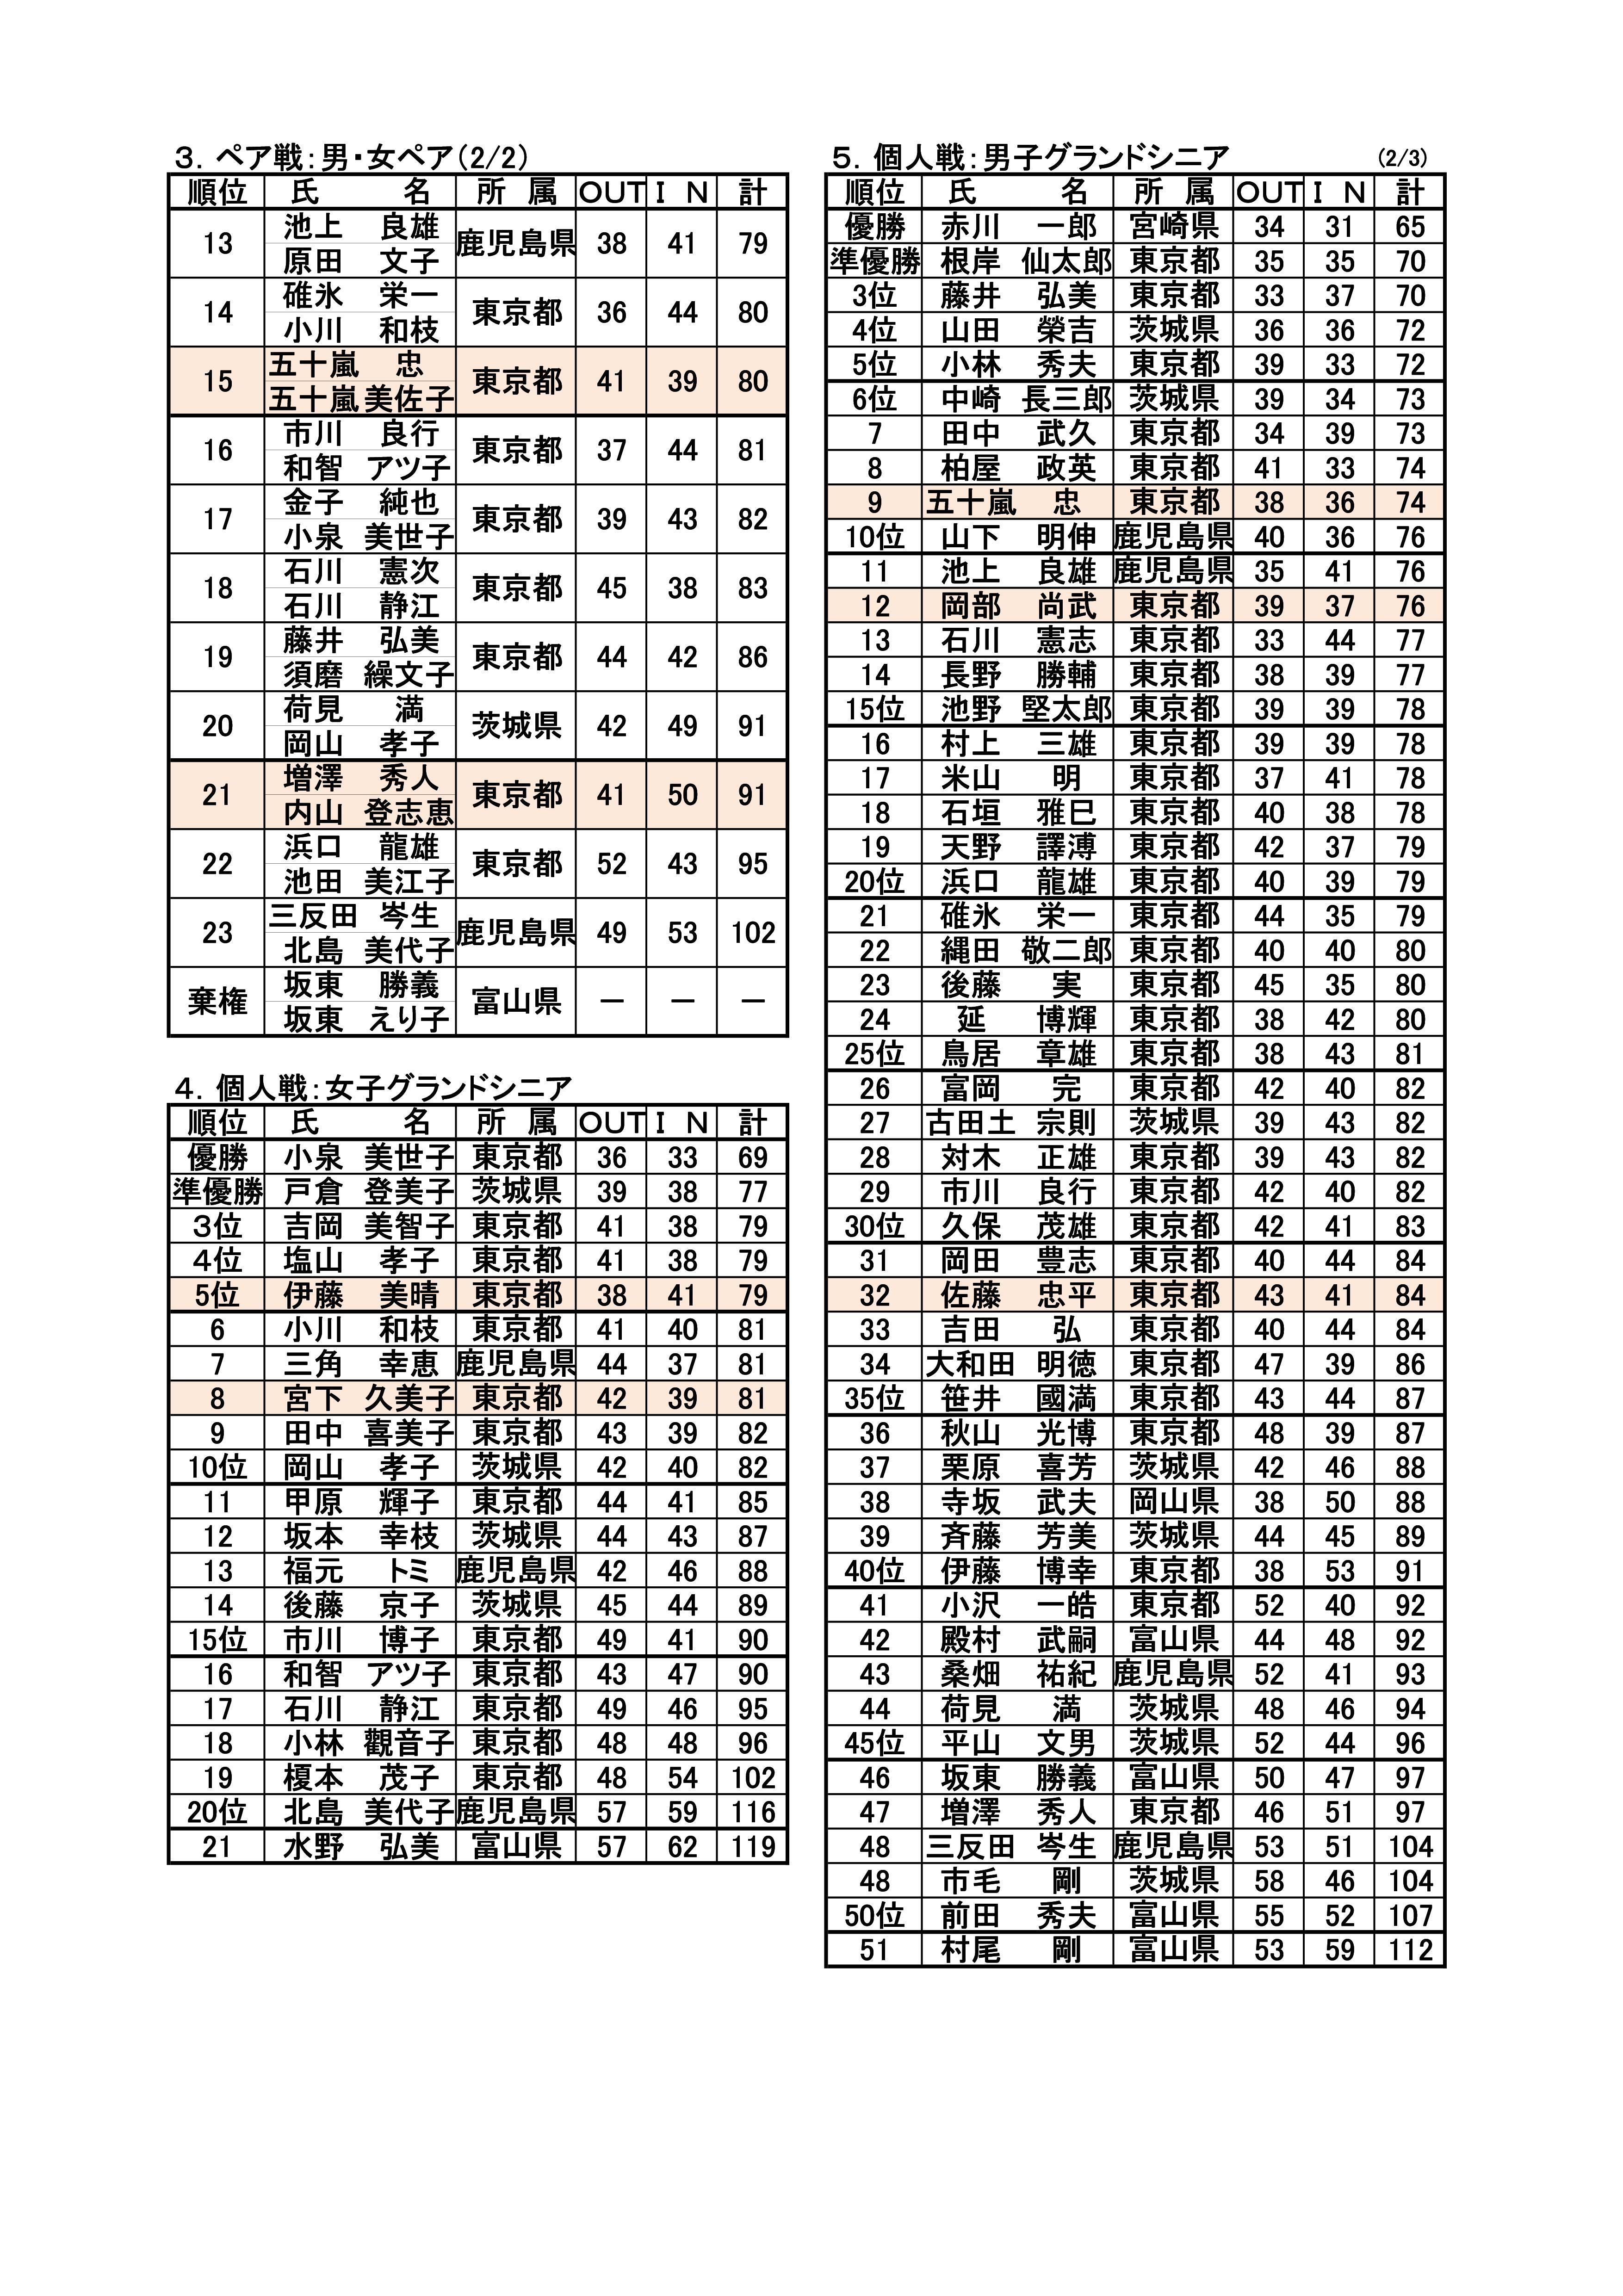 第13回全日本TBG選手権大会成績表('27.11.10.~11.東京都・国営昭和記念公園特設コース)-002